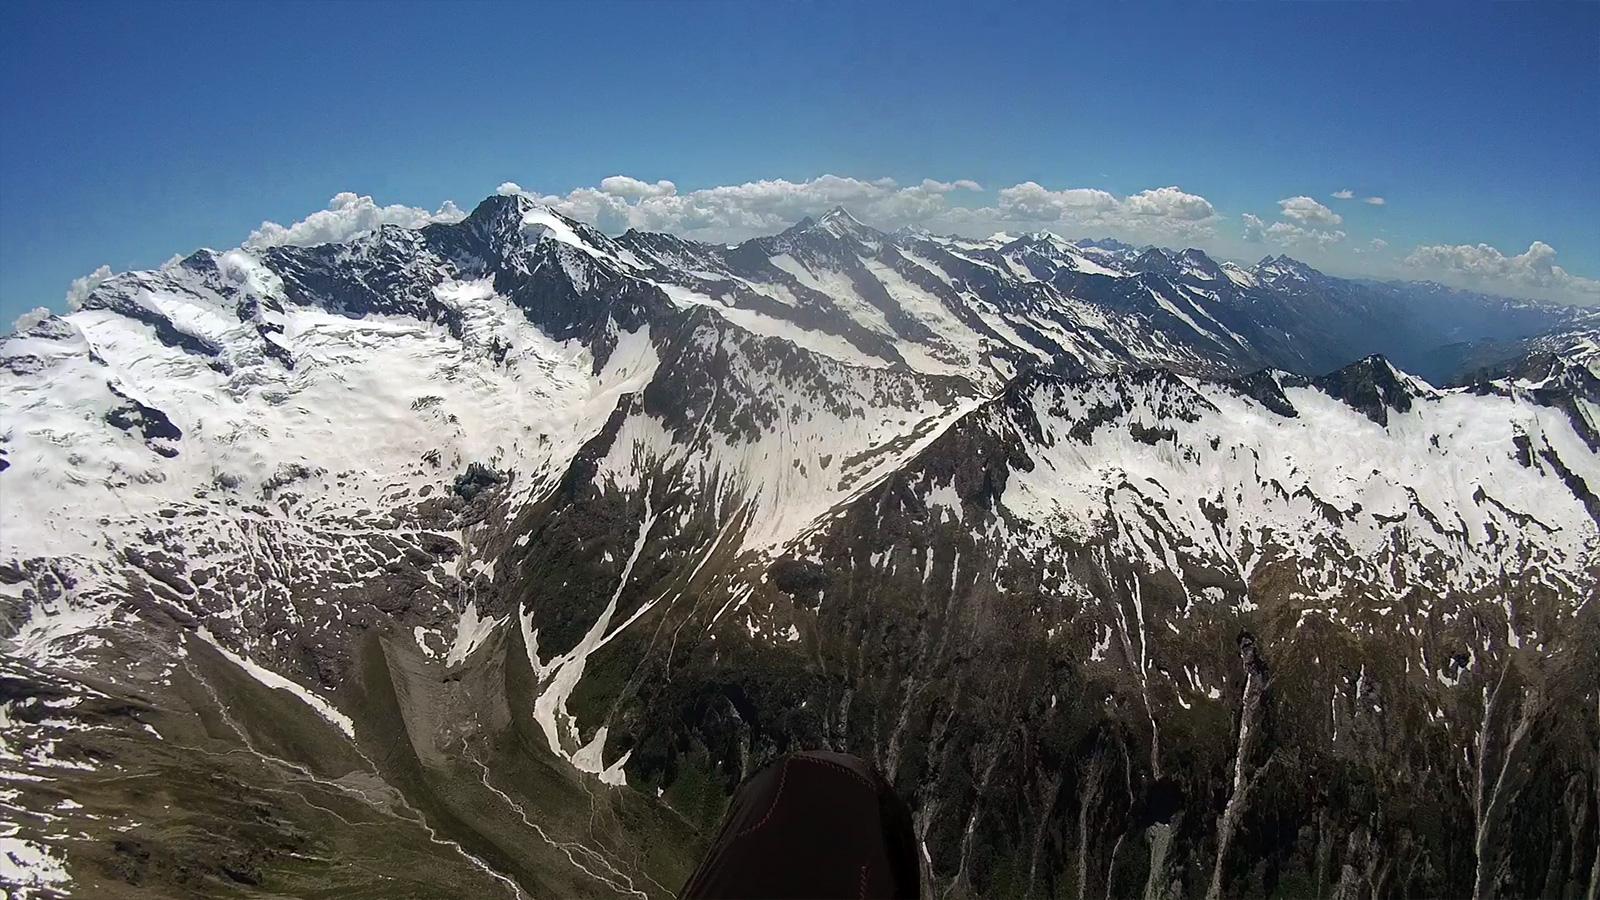 Talschluss im Krimmler Achental und Anflug Birnlücke. Im Hintergrund Dreiherrnspitze (3.499m) und weiter rechts Rötspitze (3.496m).